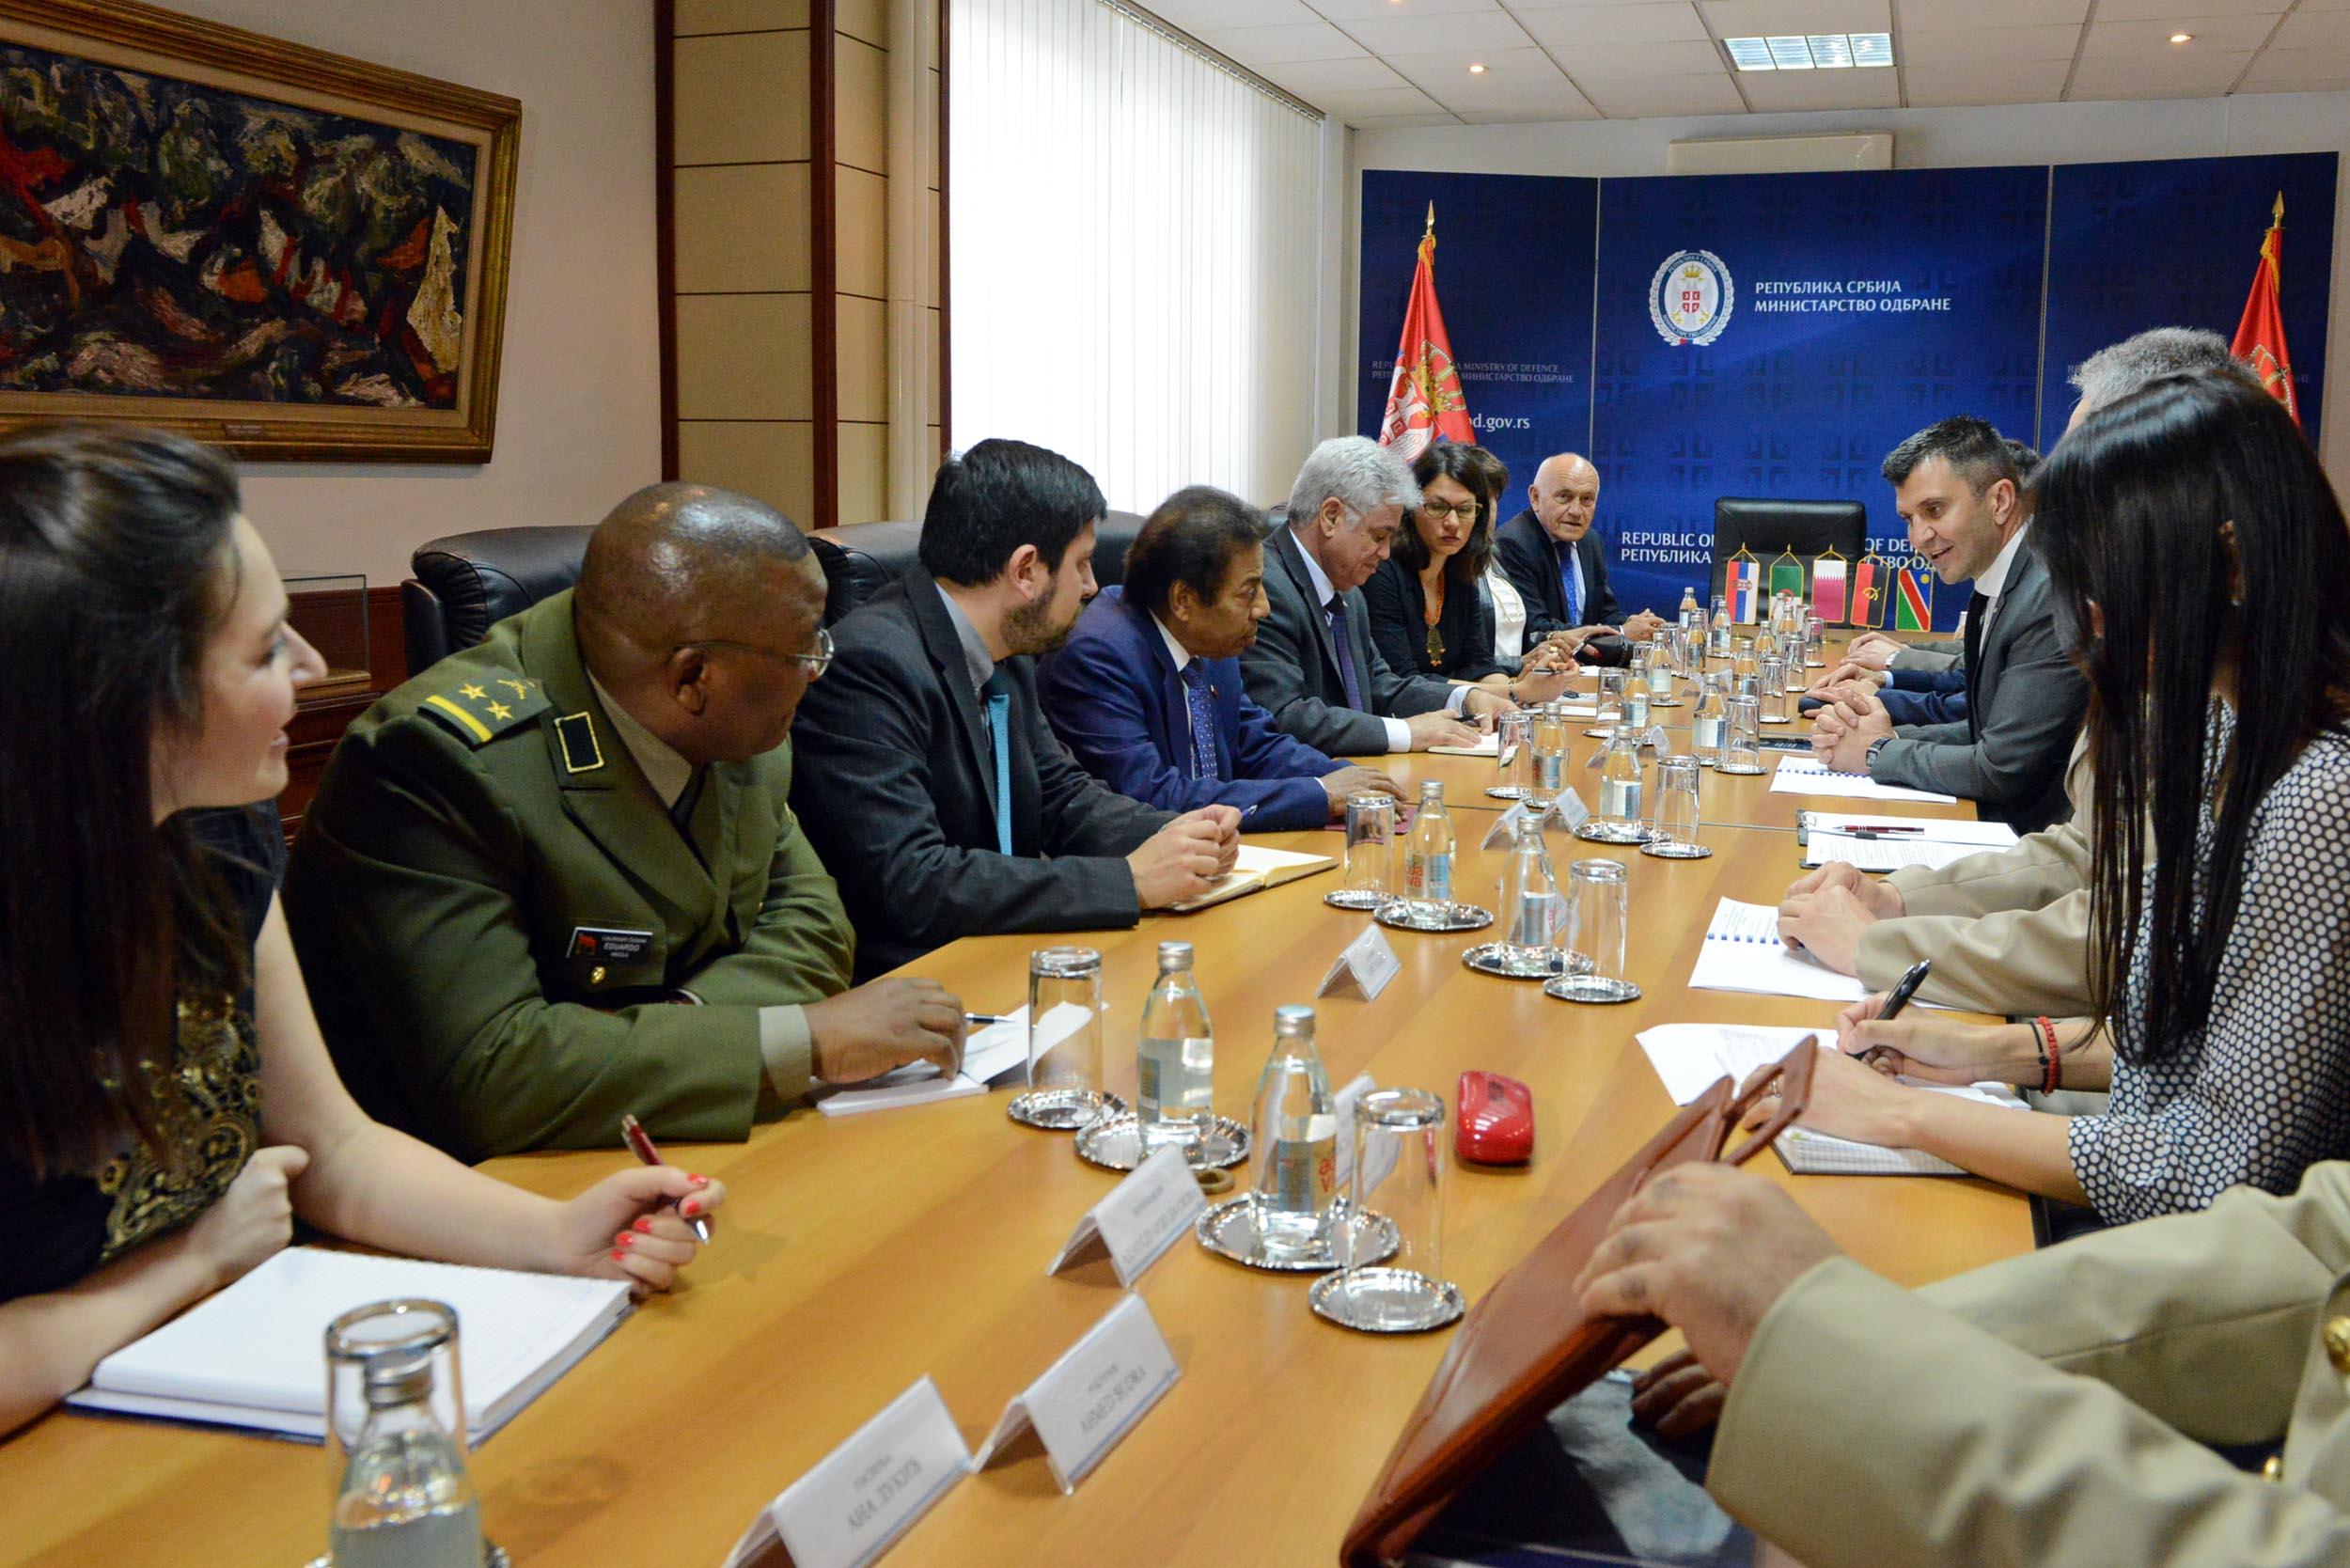 الجزائر : صلاحيات نائب وزير الدفاع الوطني - صفحة 14 DUS_0745